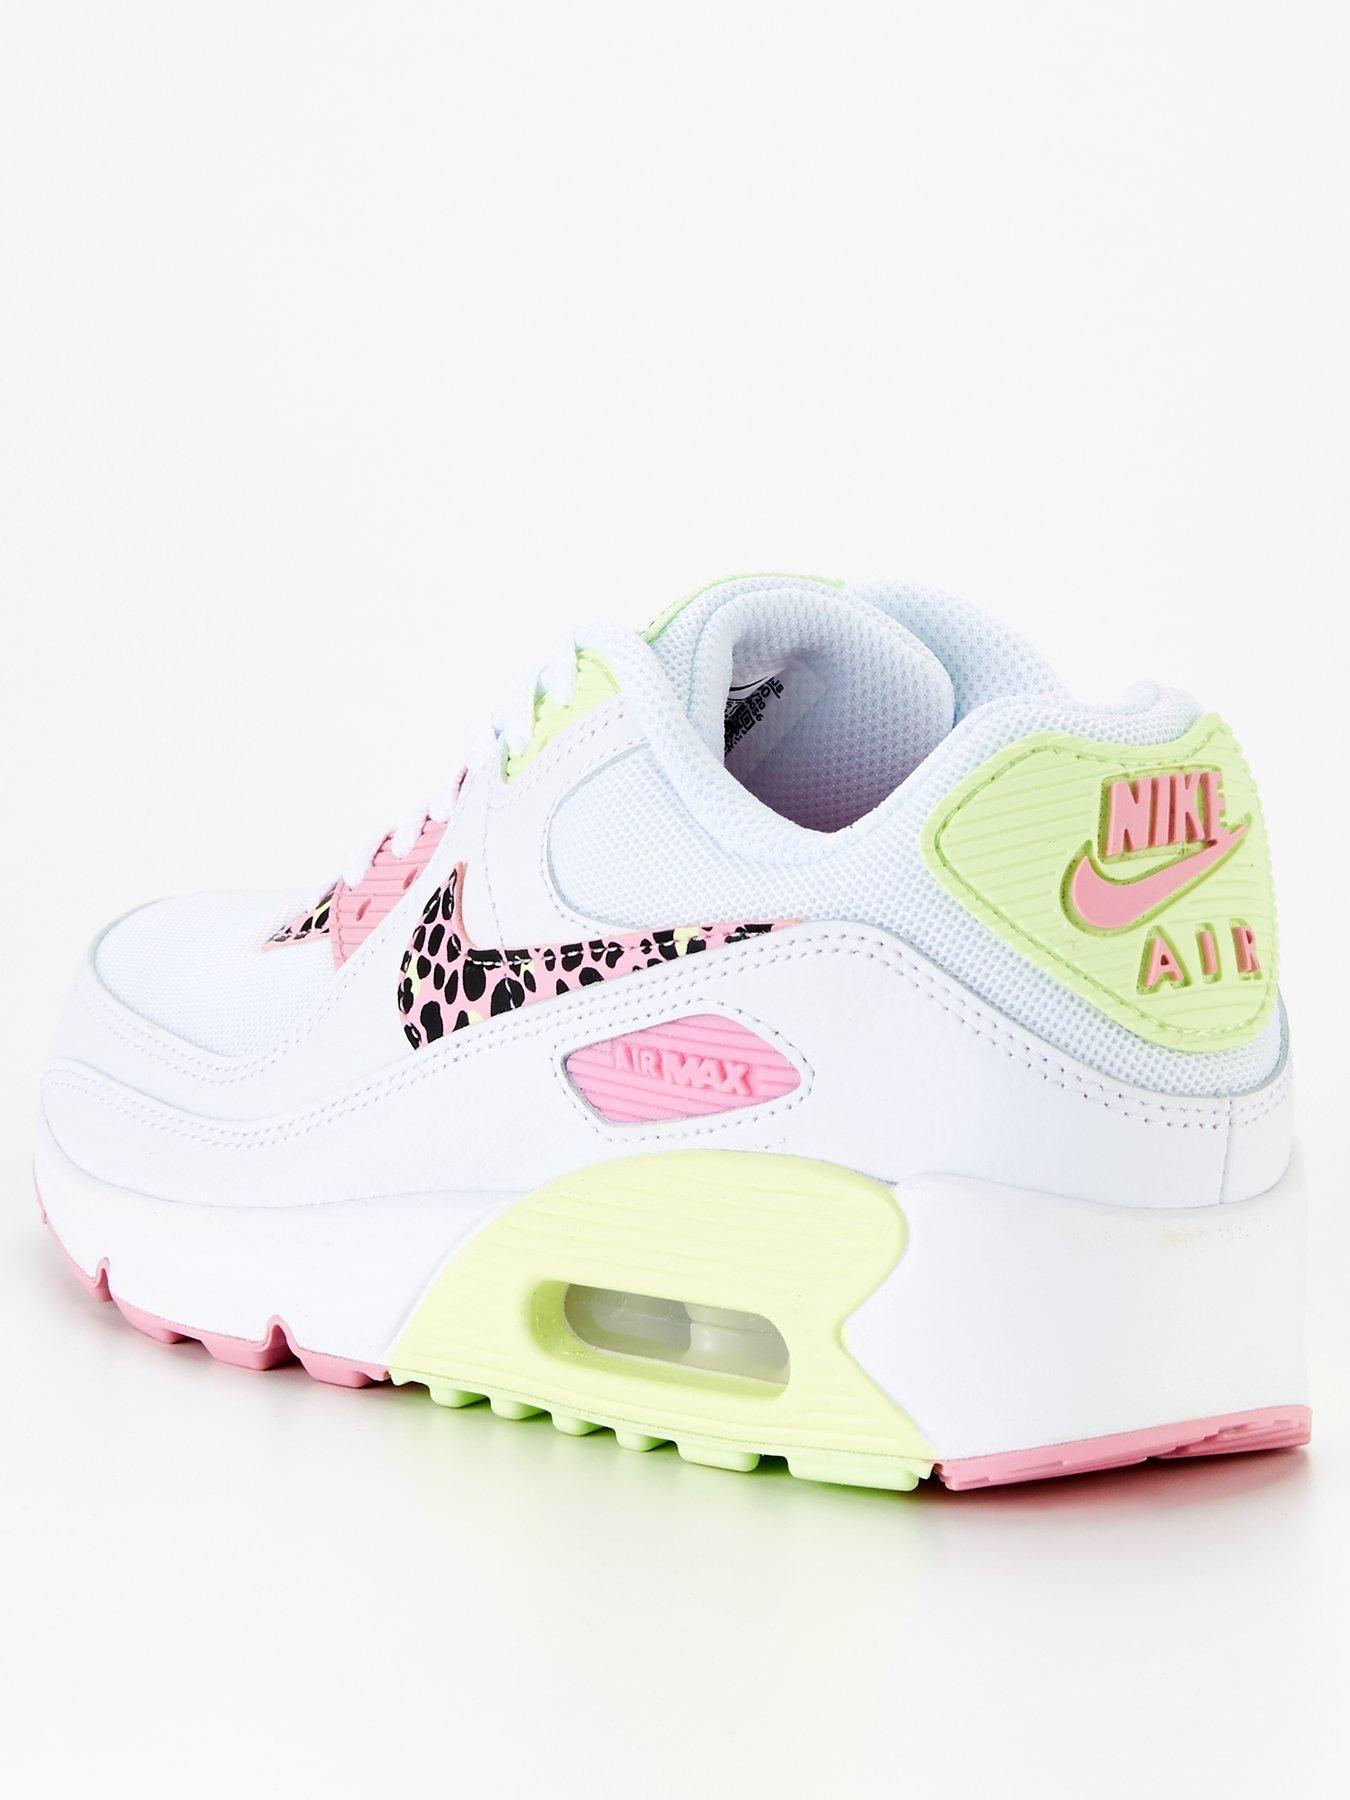 air max 90 junior 5.5